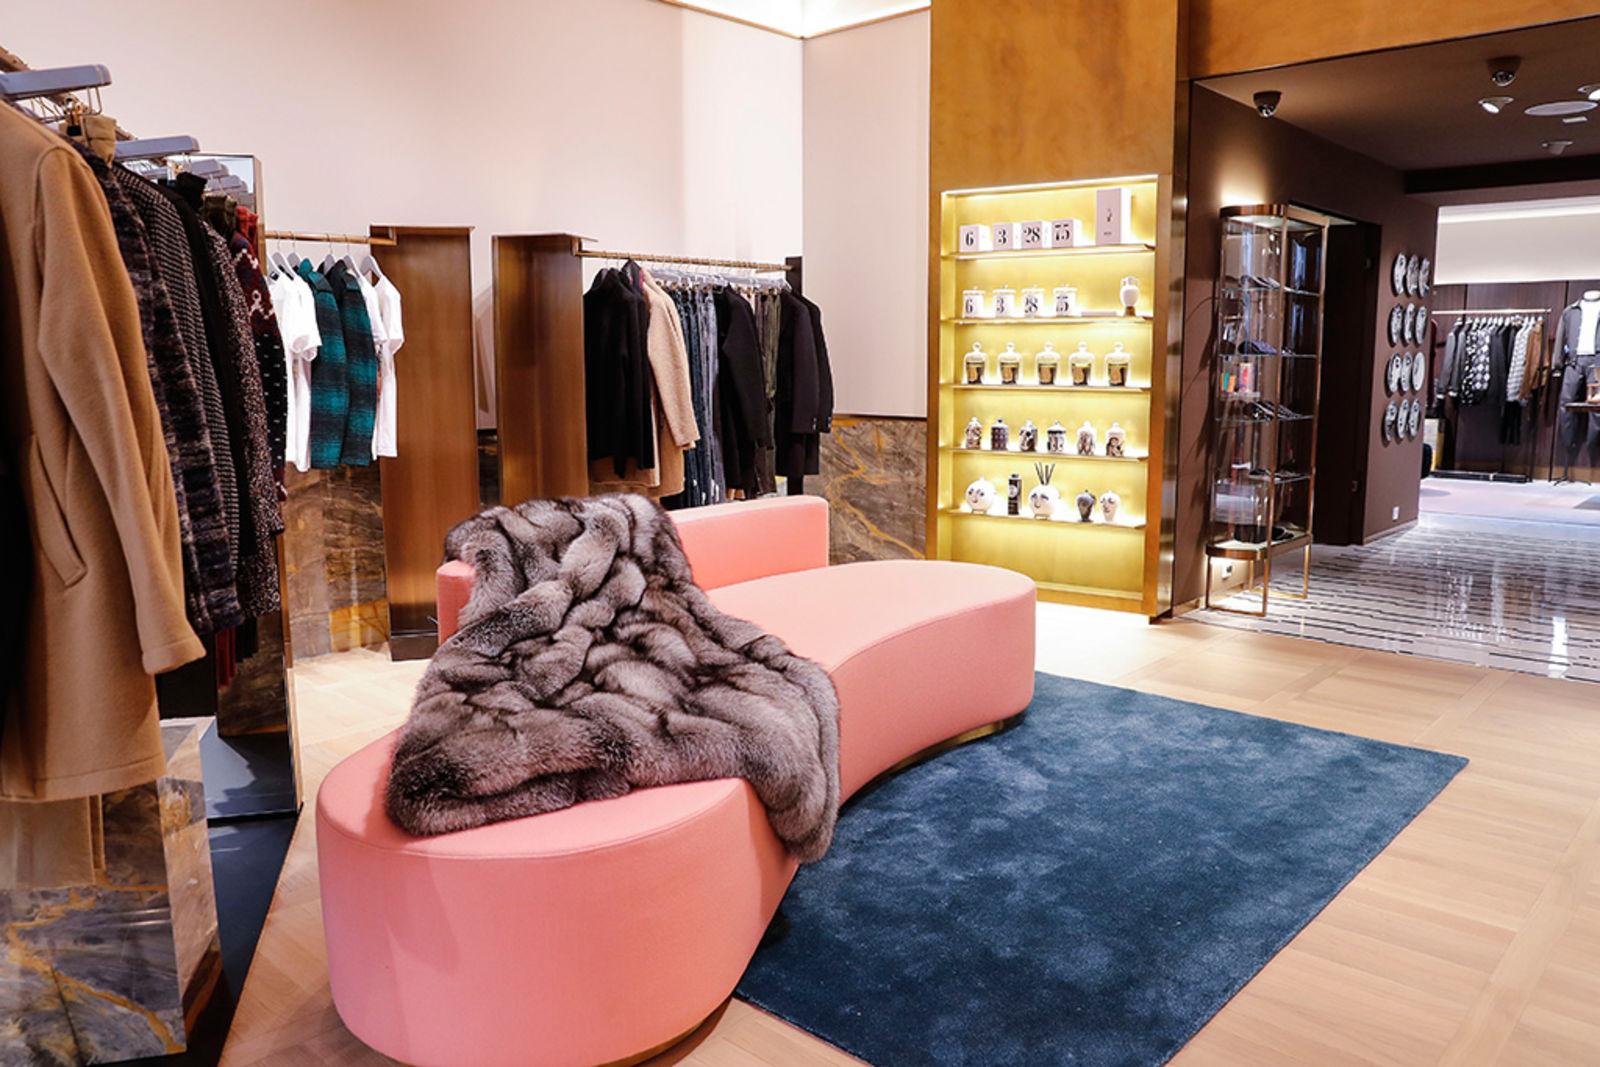 APROPOPS The Concept Store in Hamburg (Bild 5)